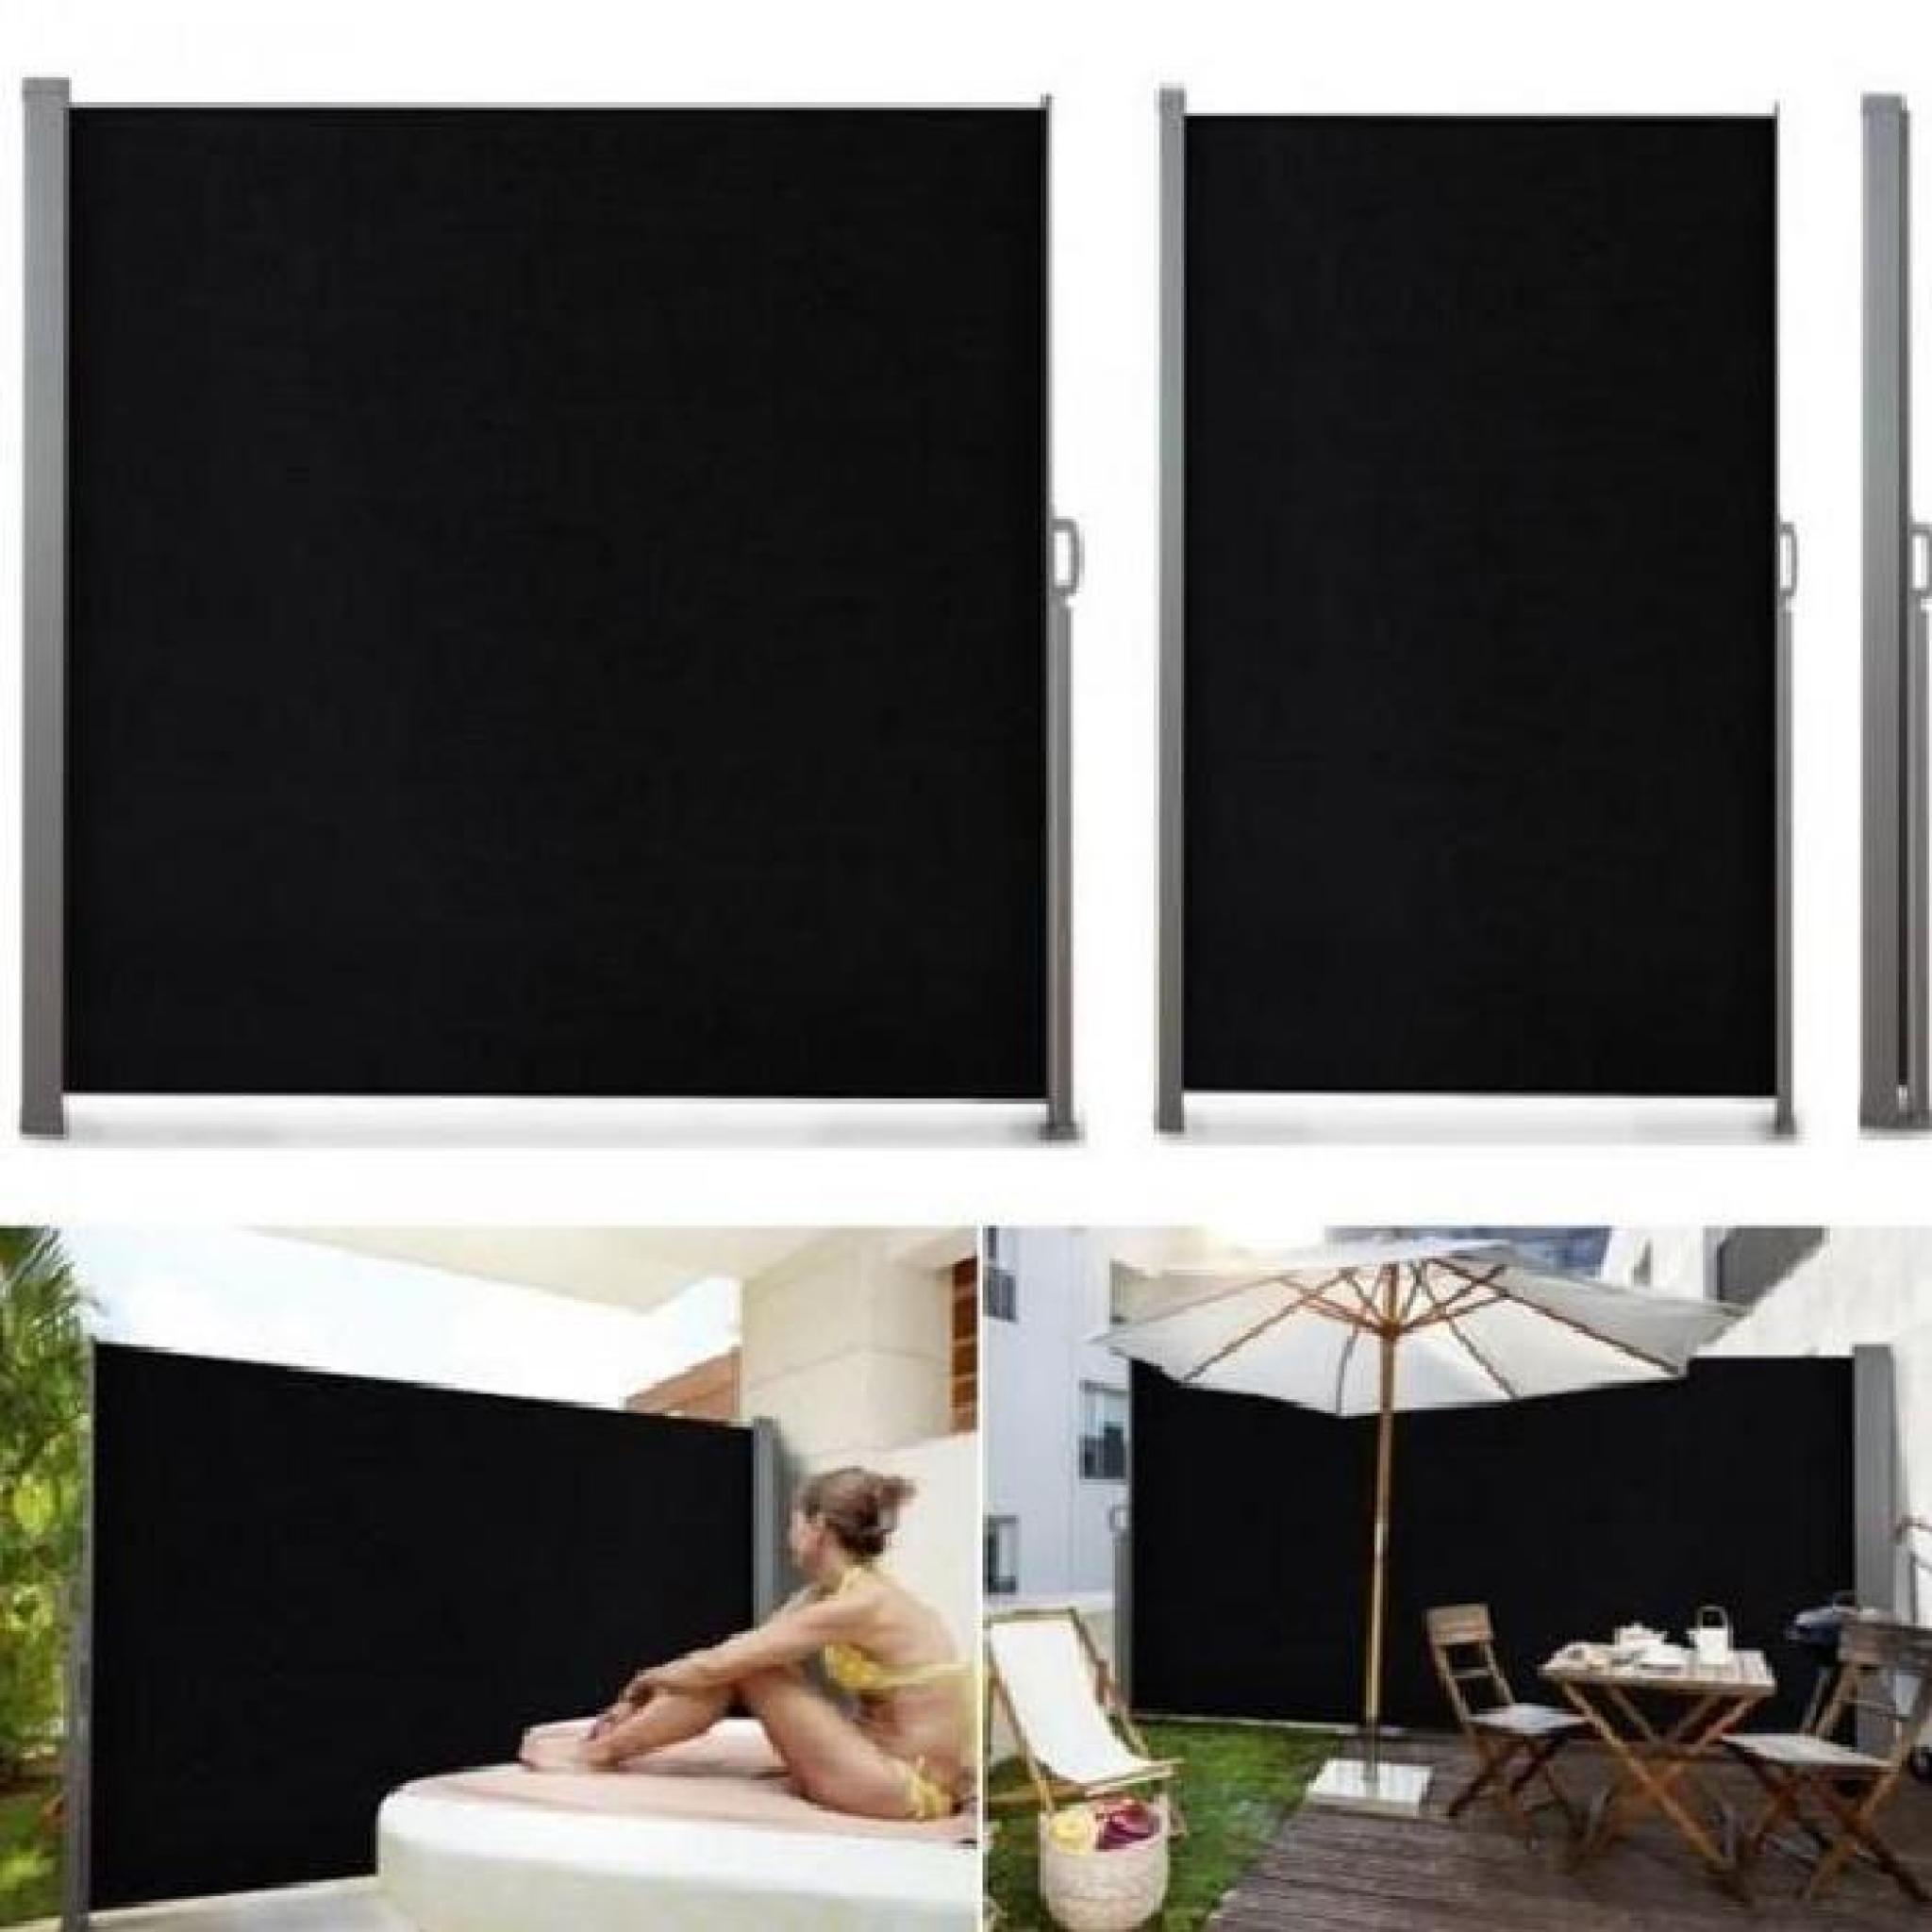 paravent ext rieur r tractable 300x180cm noir store. Black Bedroom Furniture Sets. Home Design Ideas